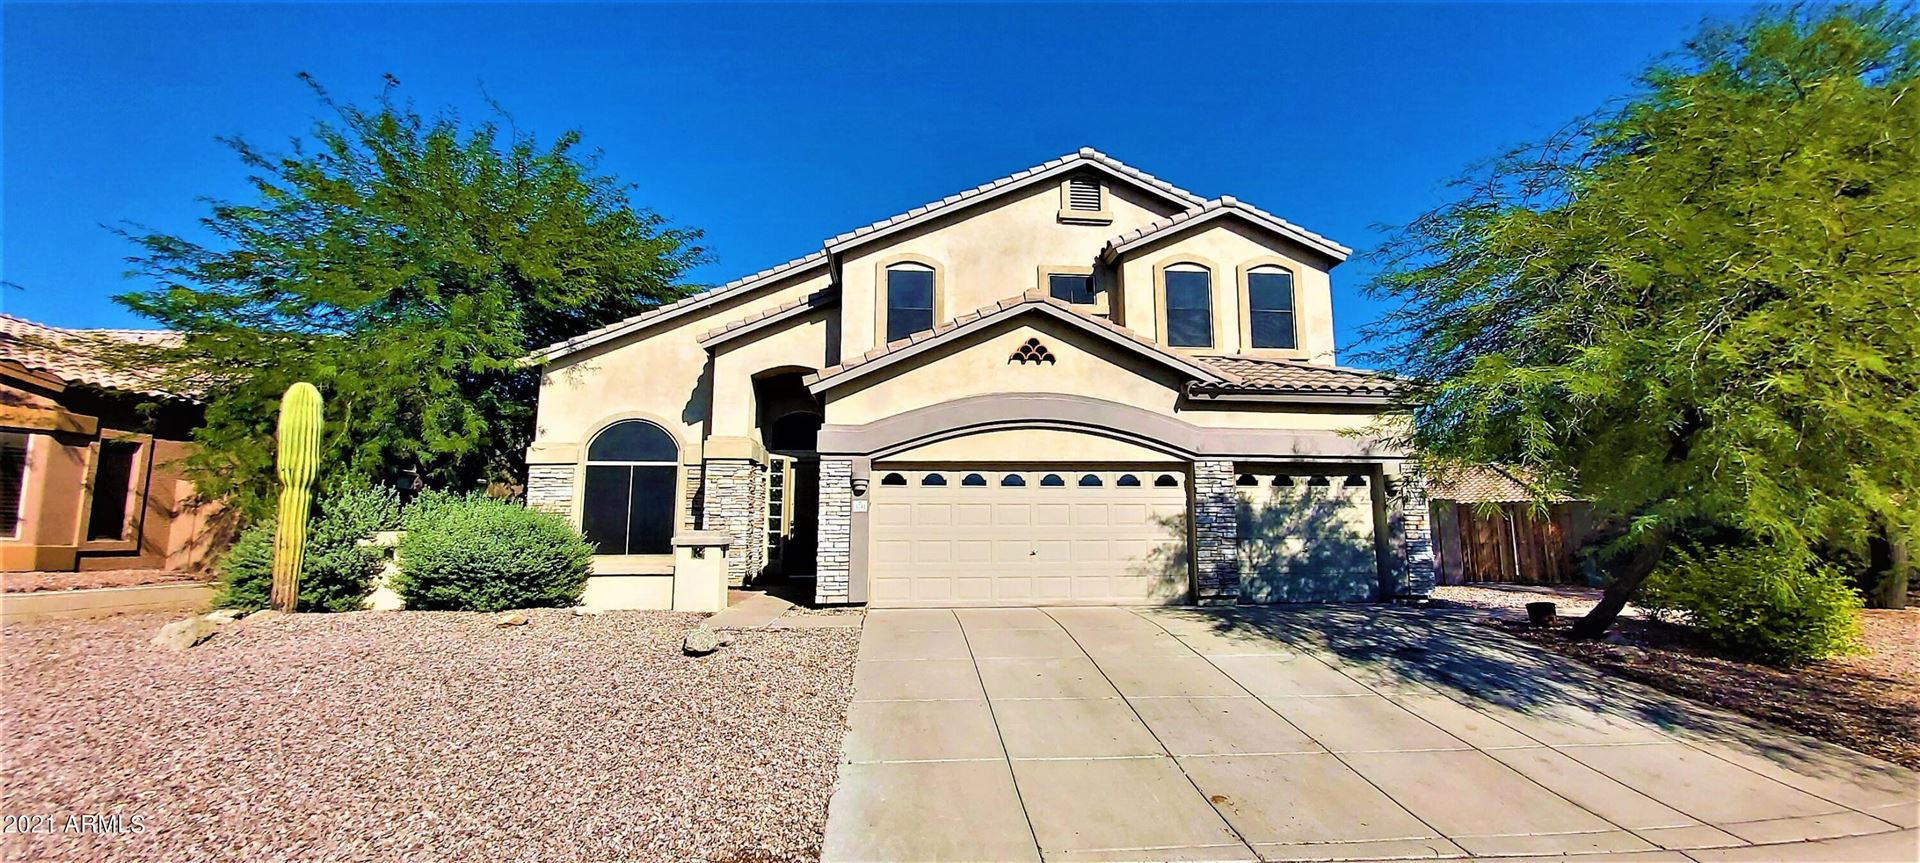 Photo of 3741 N LADERA Circle, Mesa, AZ 85207 (MLS # 6296228)